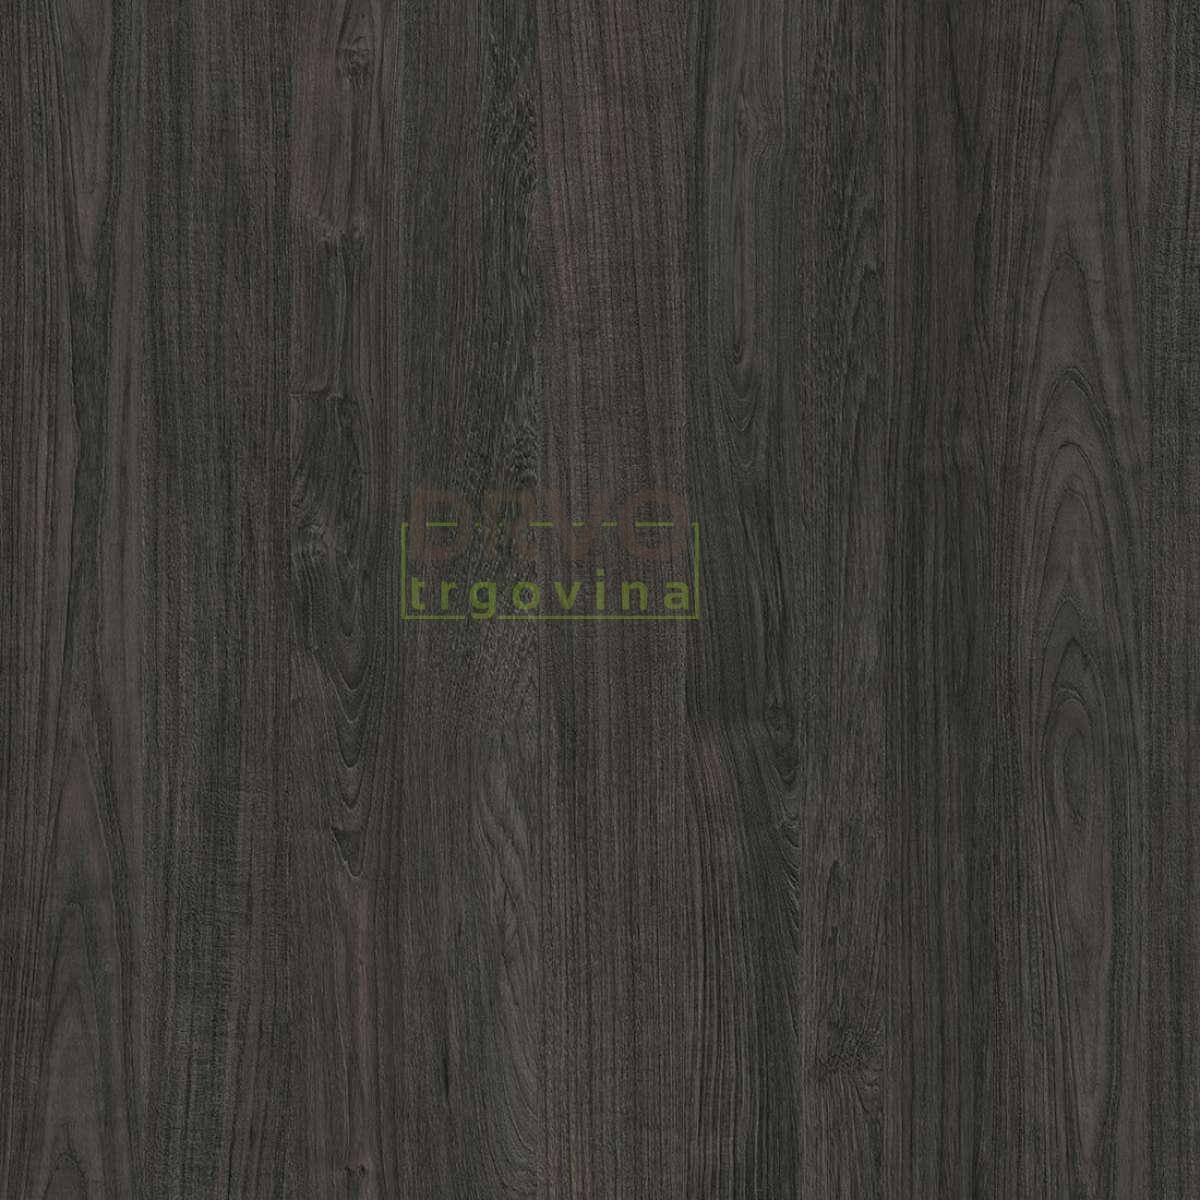 IVERICA OPLEMENJENA K016 CARBON MARINE 18mm 2800/2070